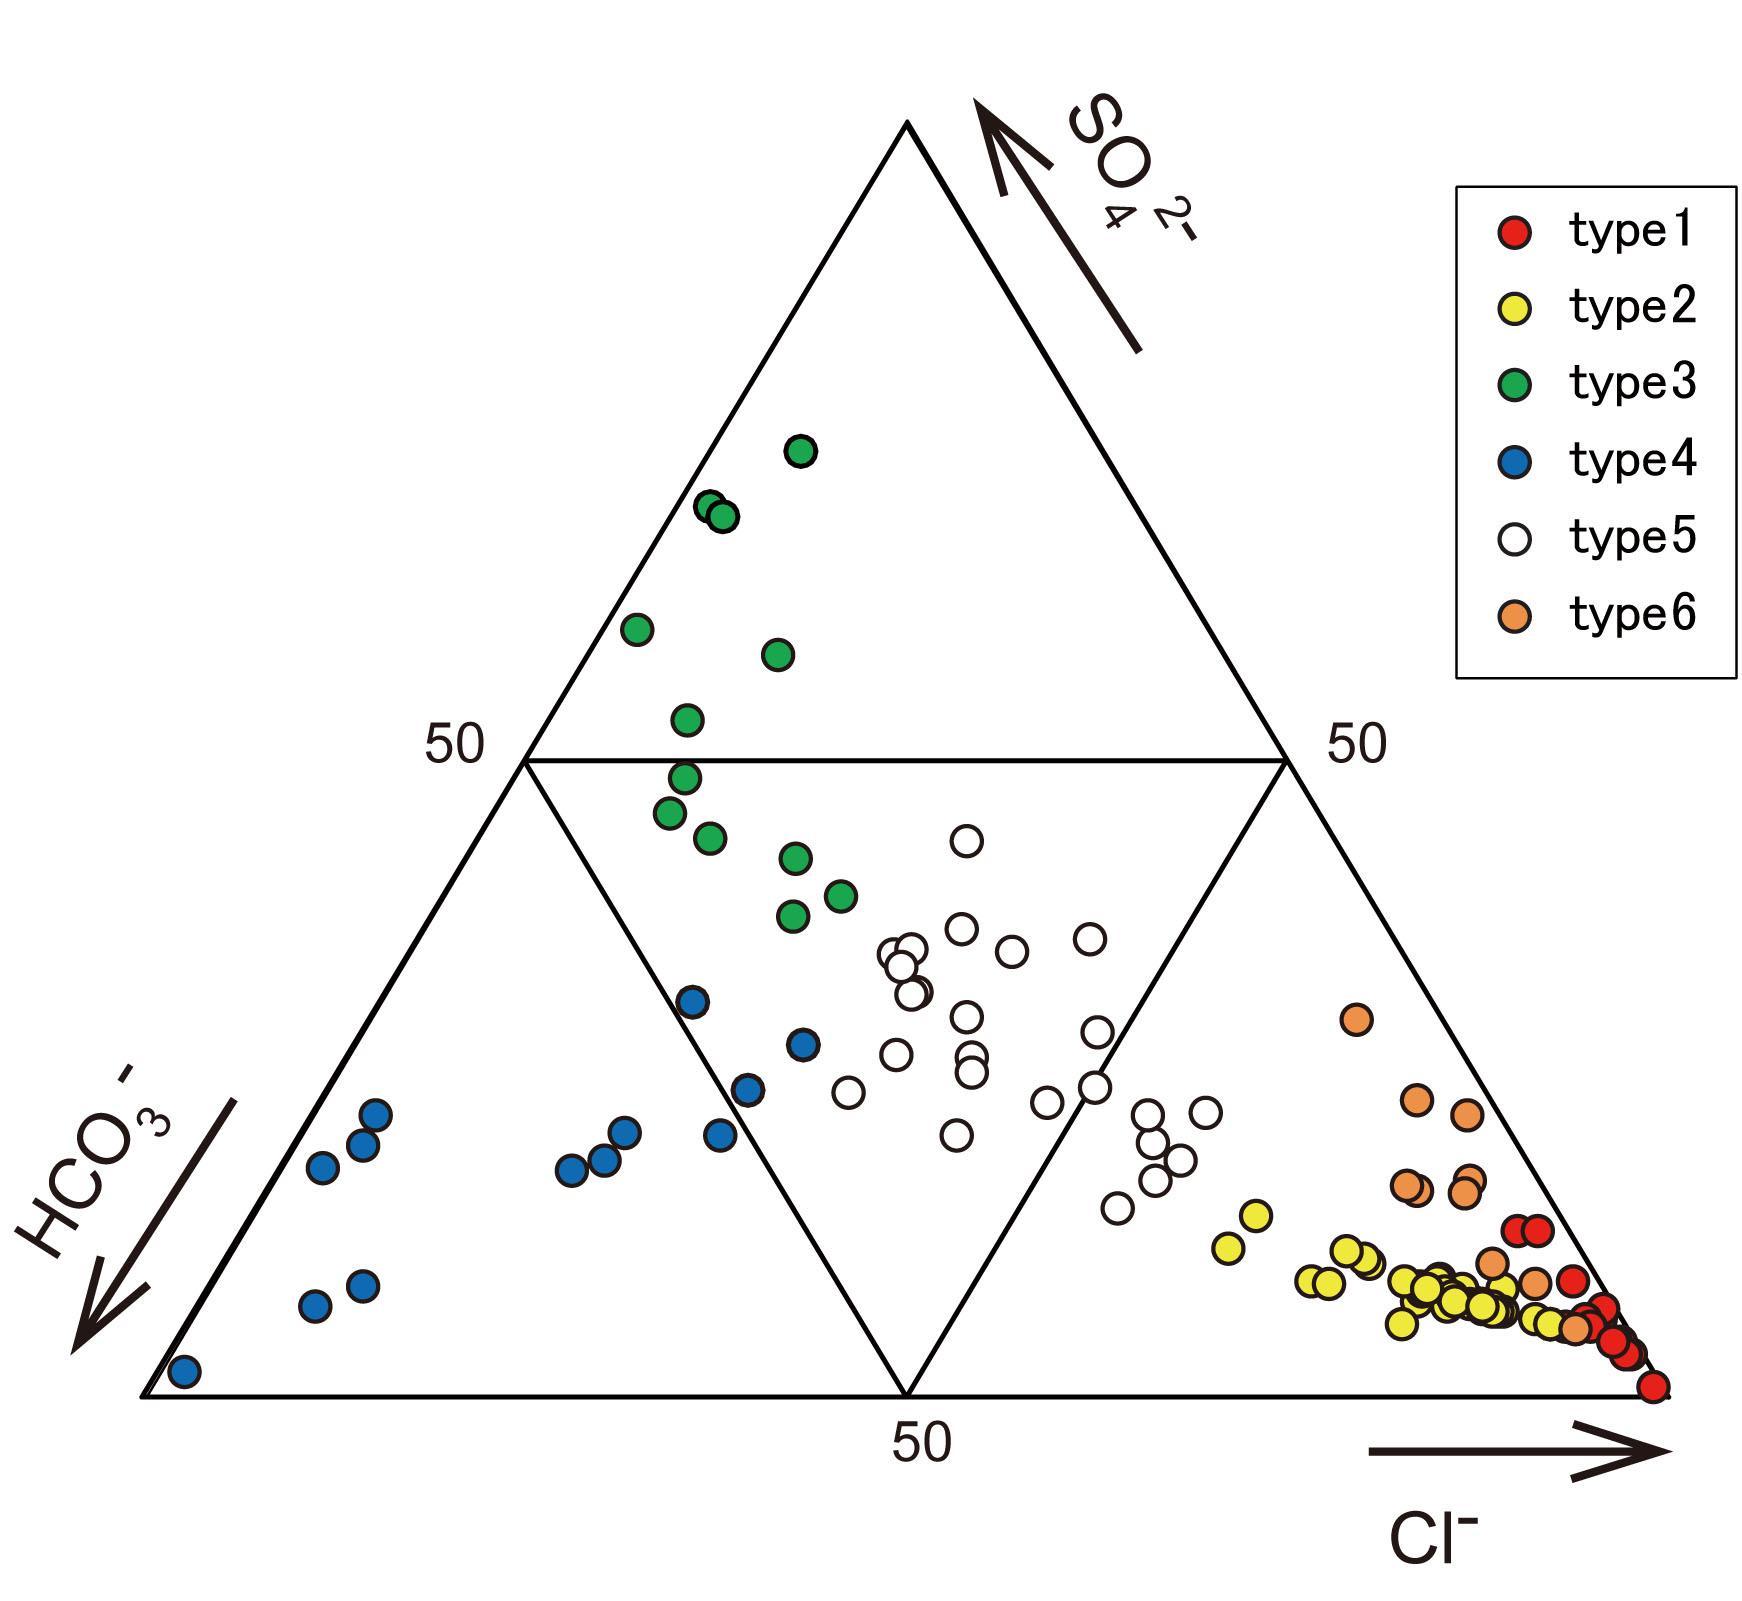 強羅潜在カルデラ構造の源泉の陰イオン三角ダイヤグラム